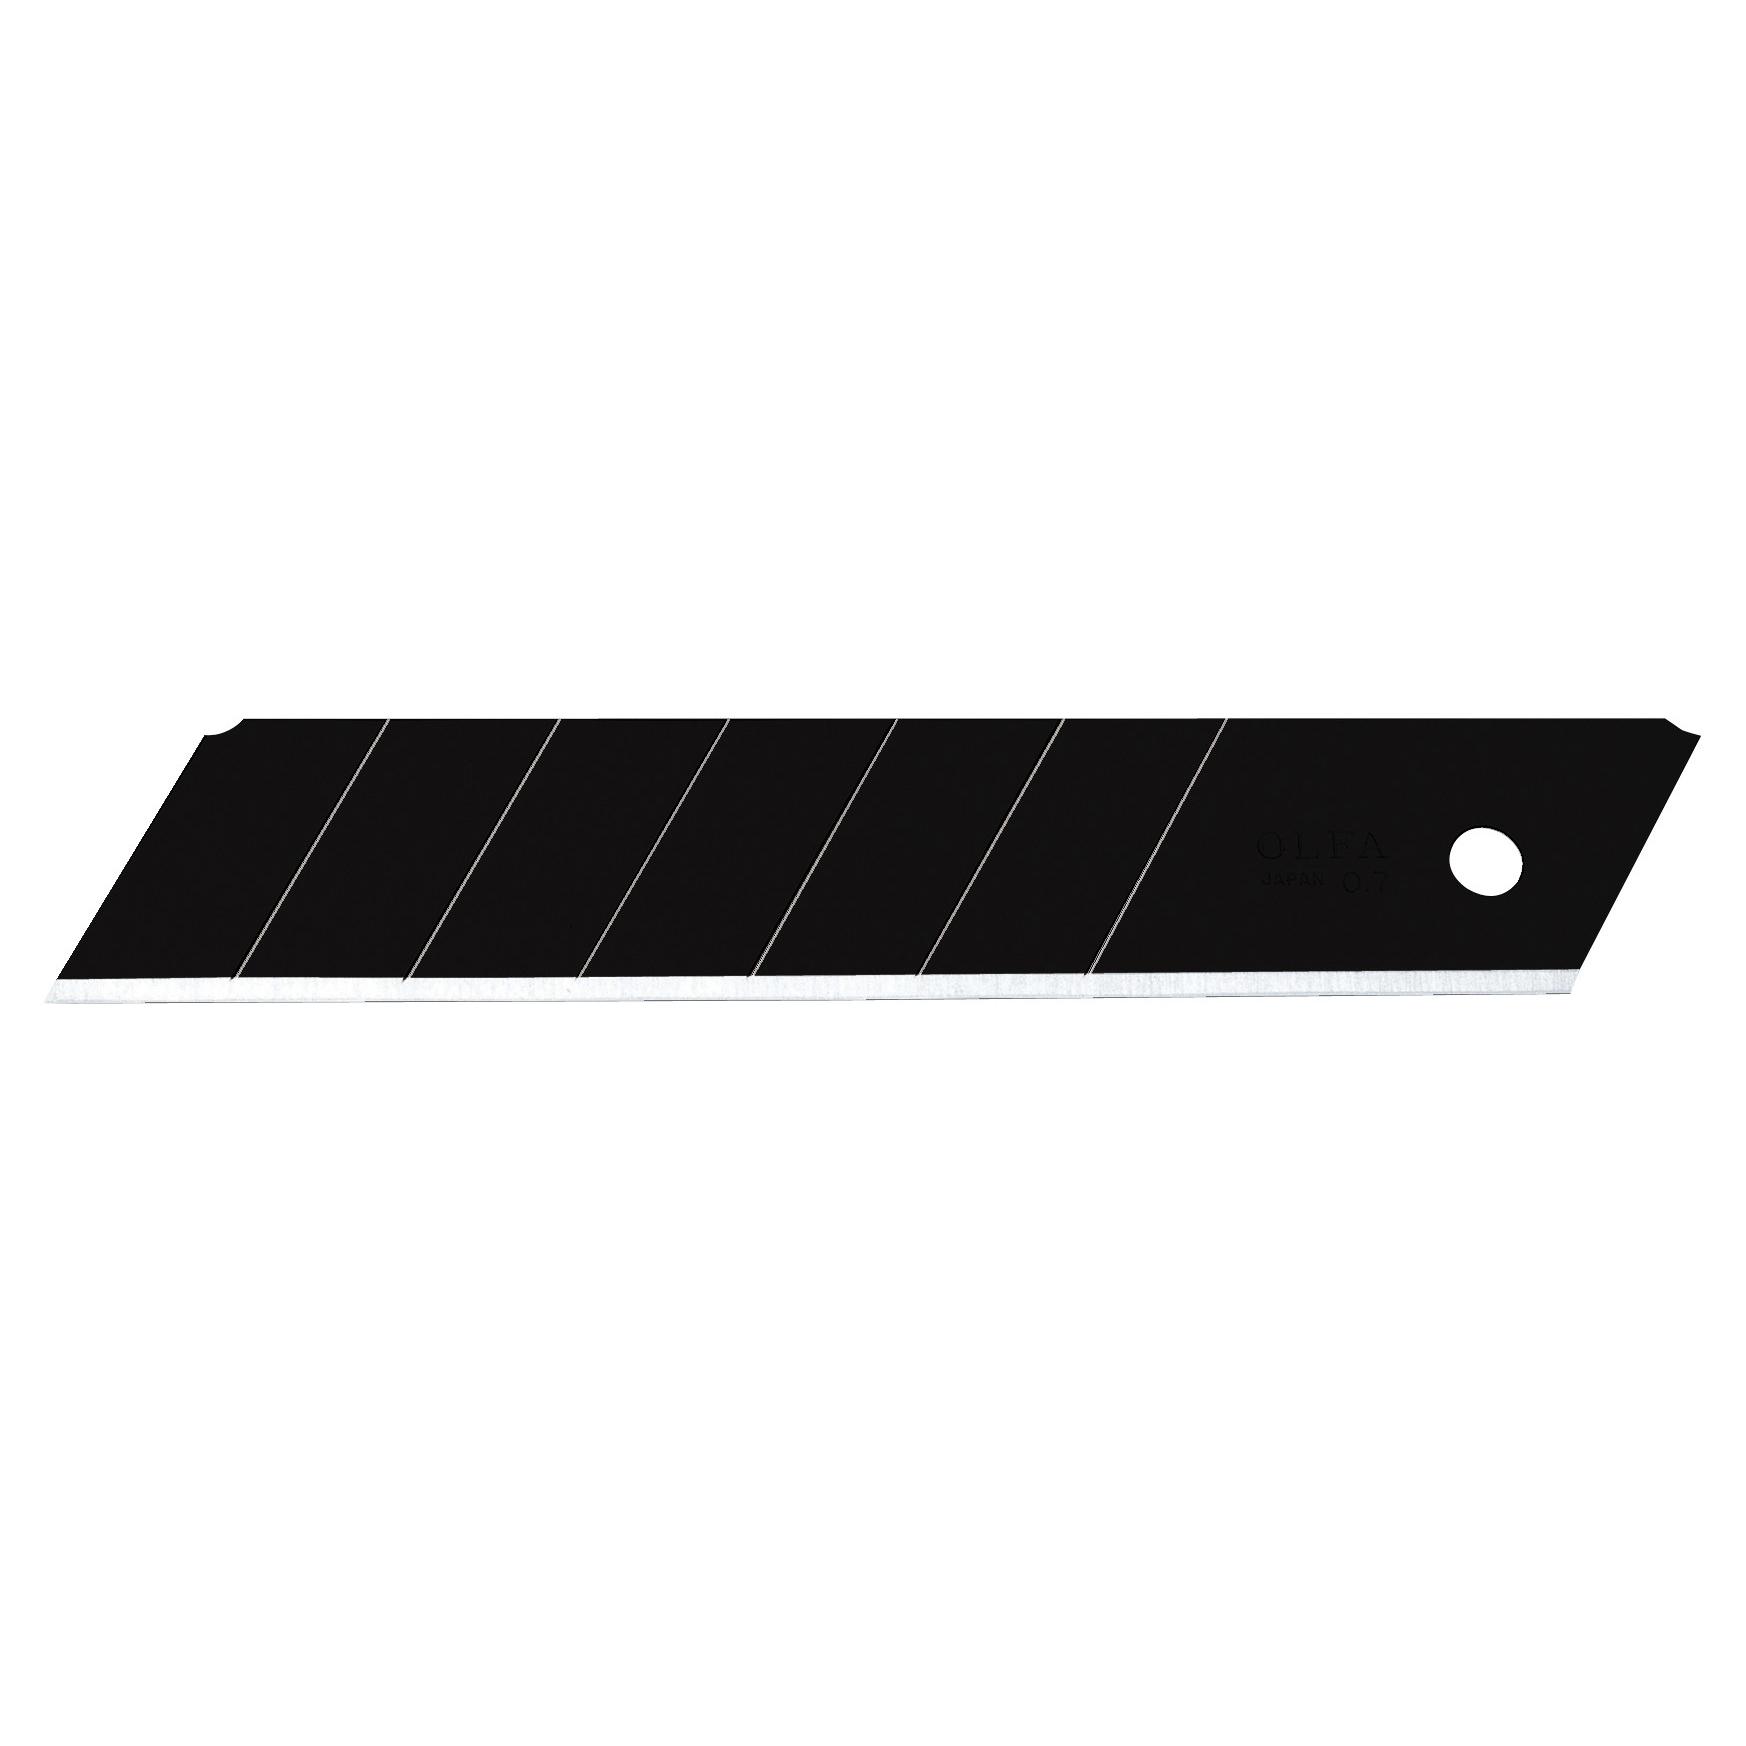 Olfa Blades - Ultra Max - HBB-20B (20/pack) Black 25mm